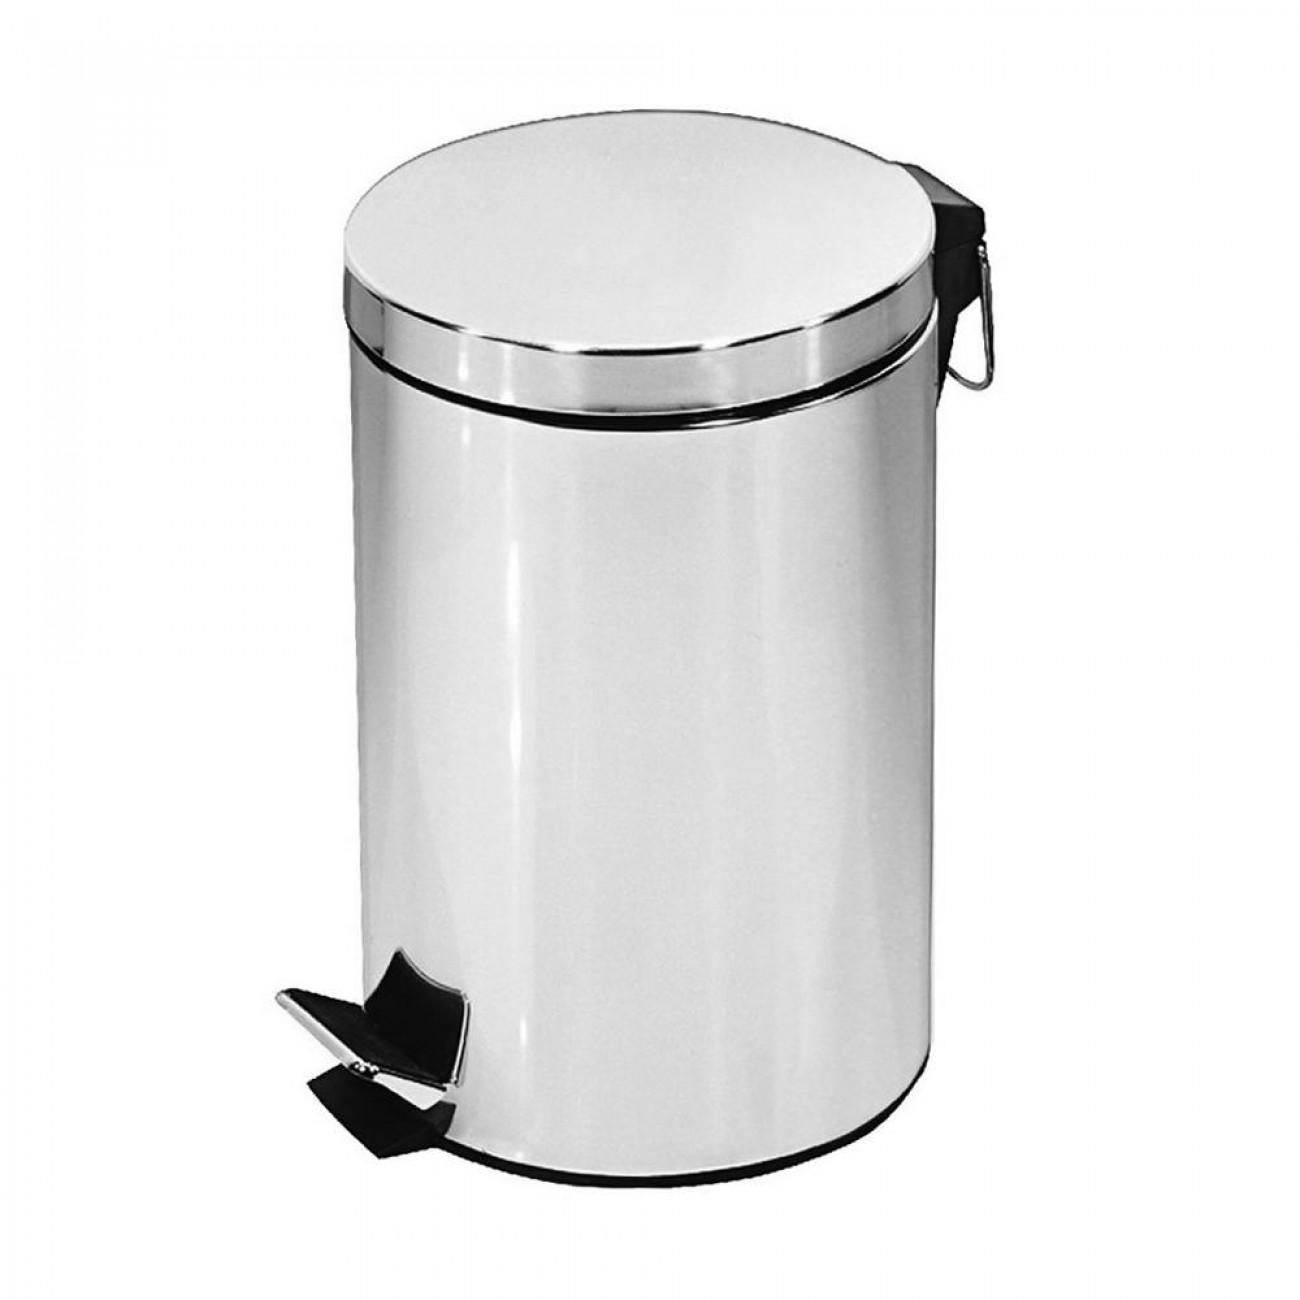 Кошче за боклук с педал SAPIR SP 3007 A, 3 литра, Хром в Кошчета за боклук - SAPIR | Alleop